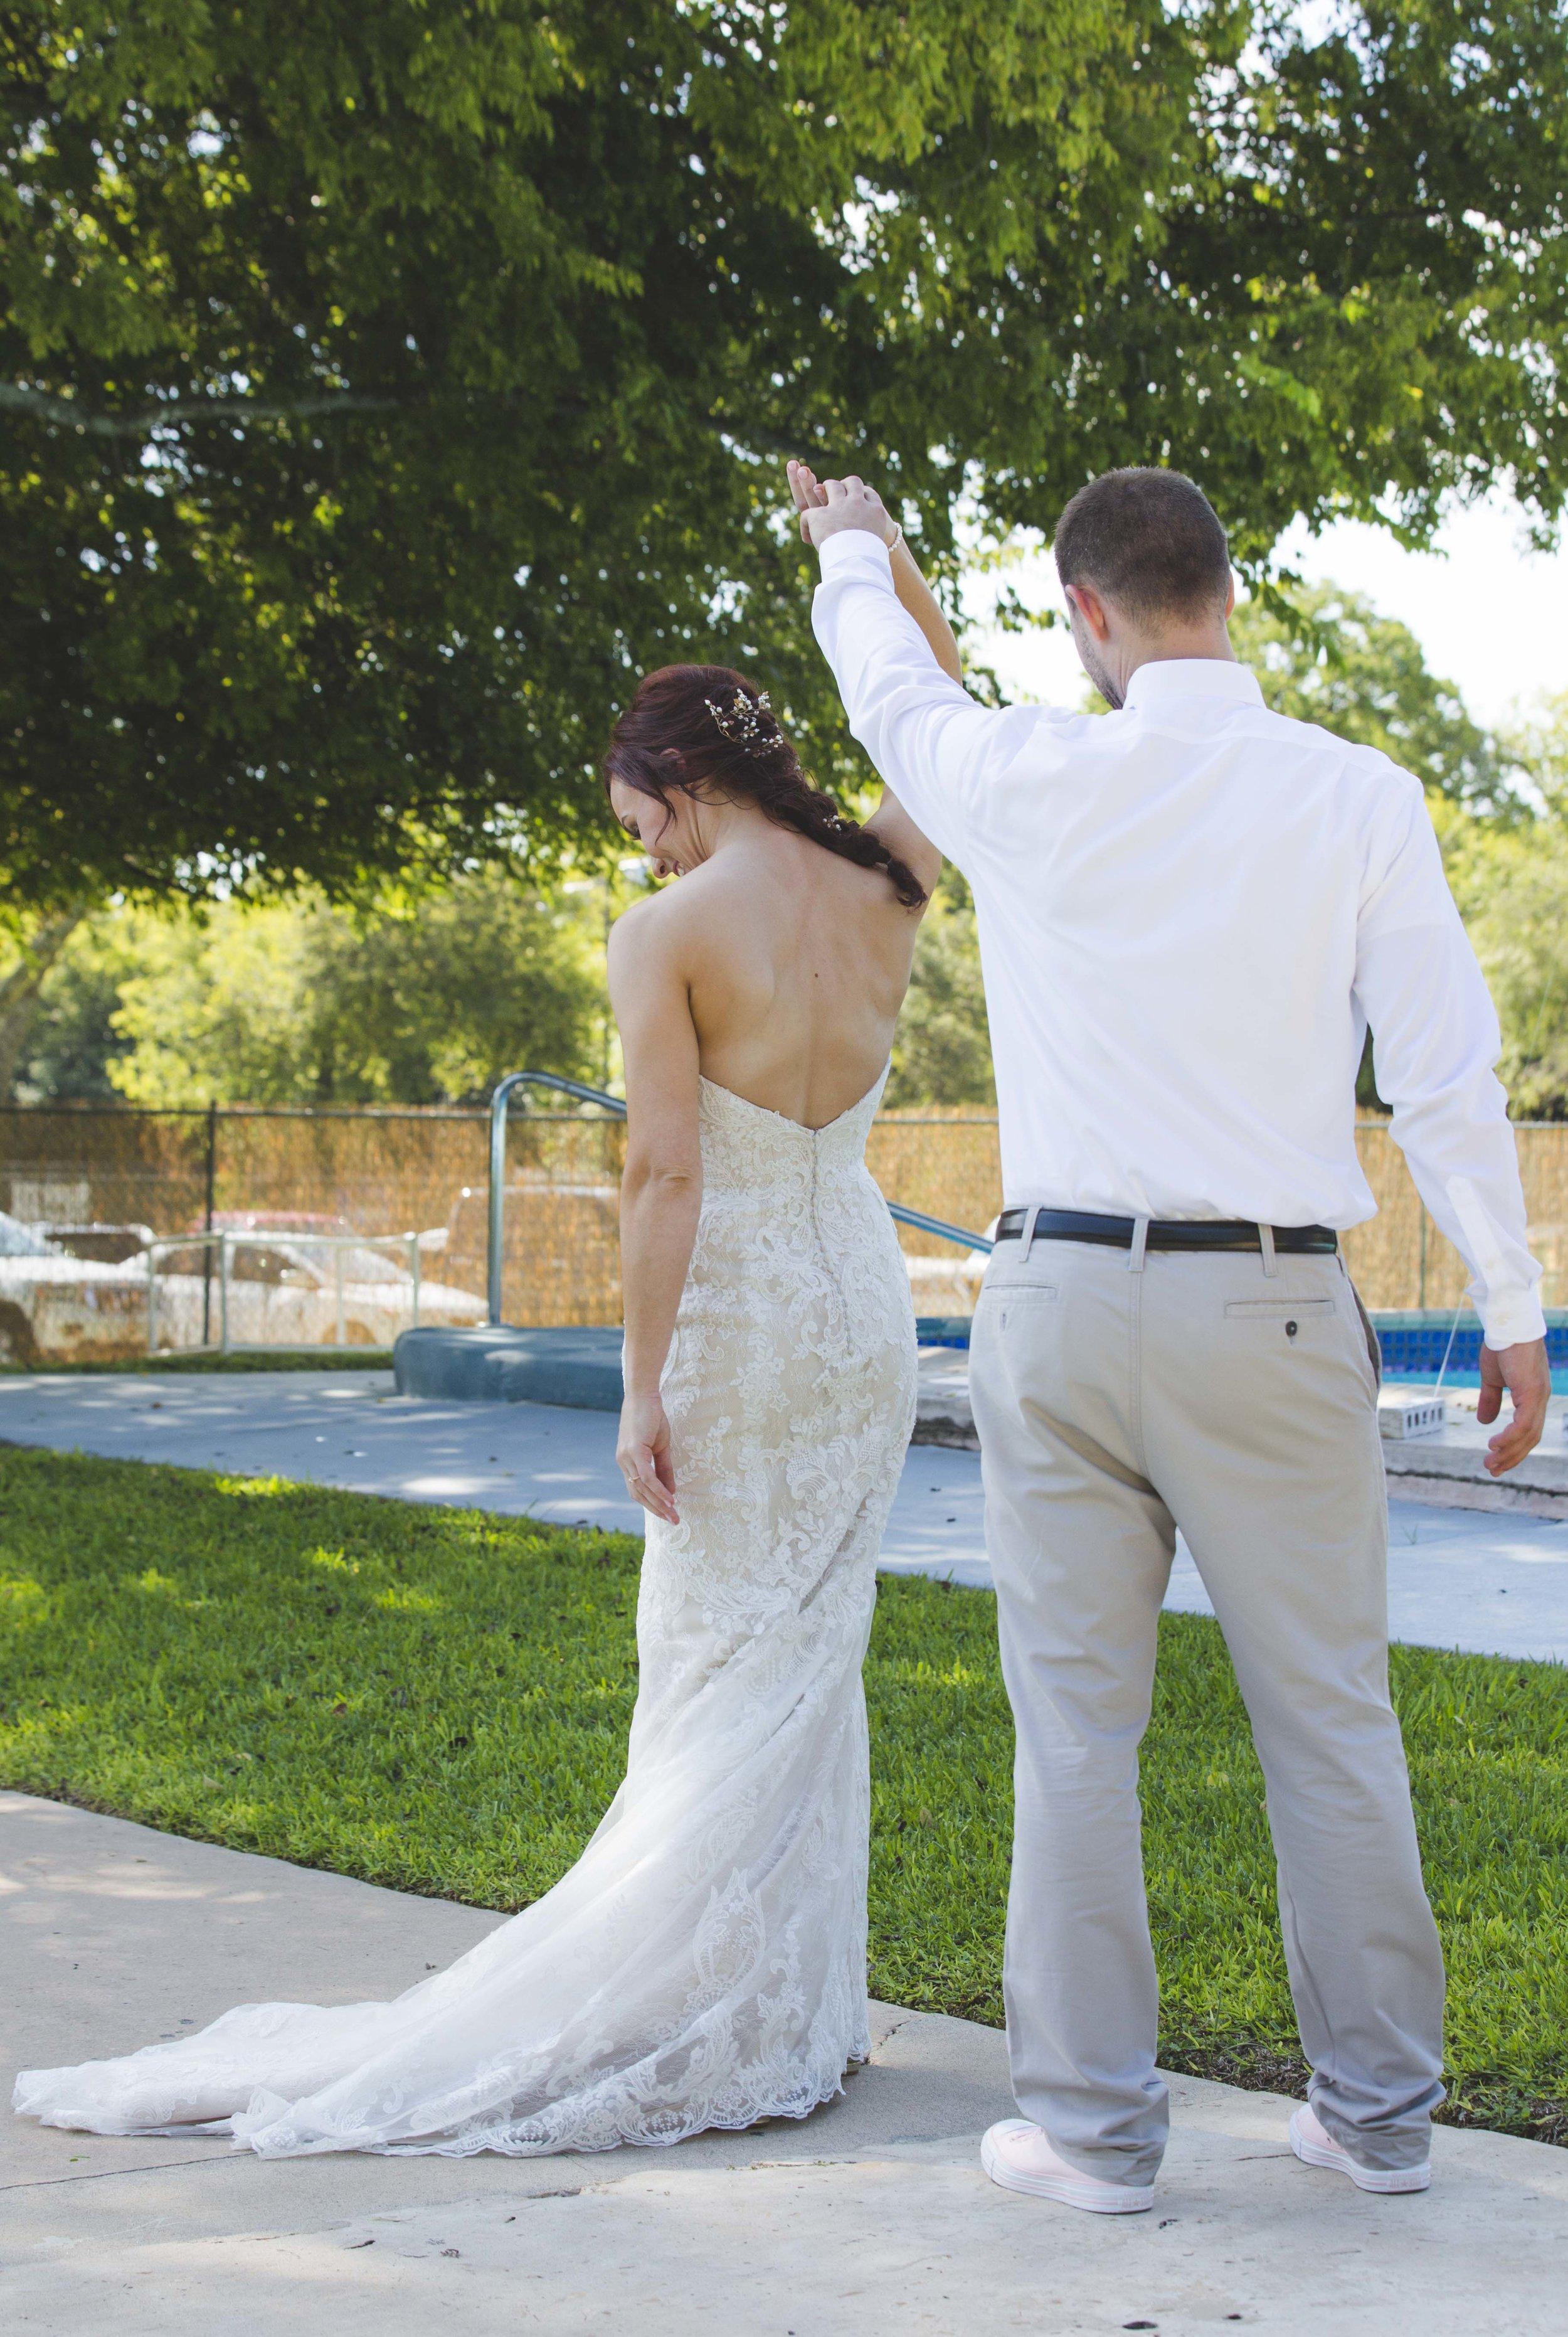 ATGI_Susanna & Matt Wedding_717A7305.jpg